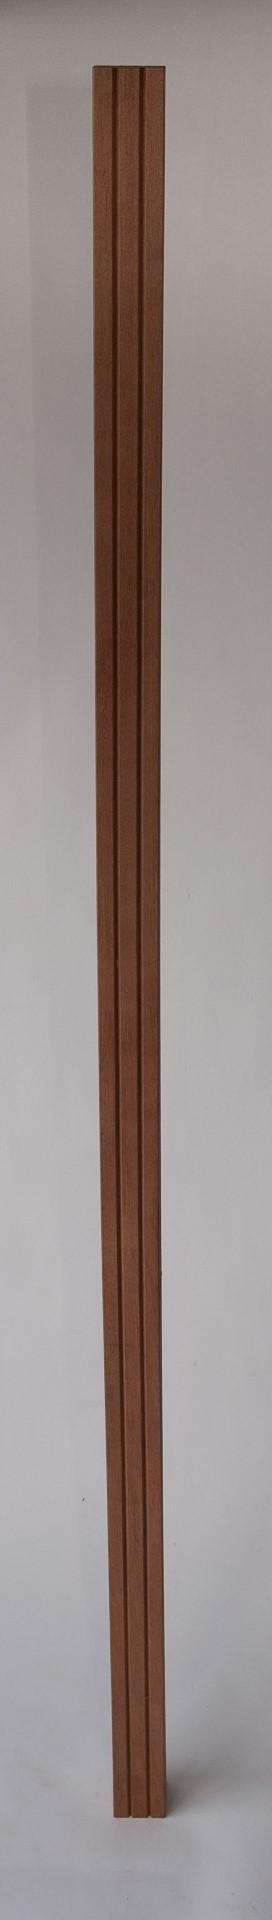 Hardhouten paal Kant & klaar haag 305 cm